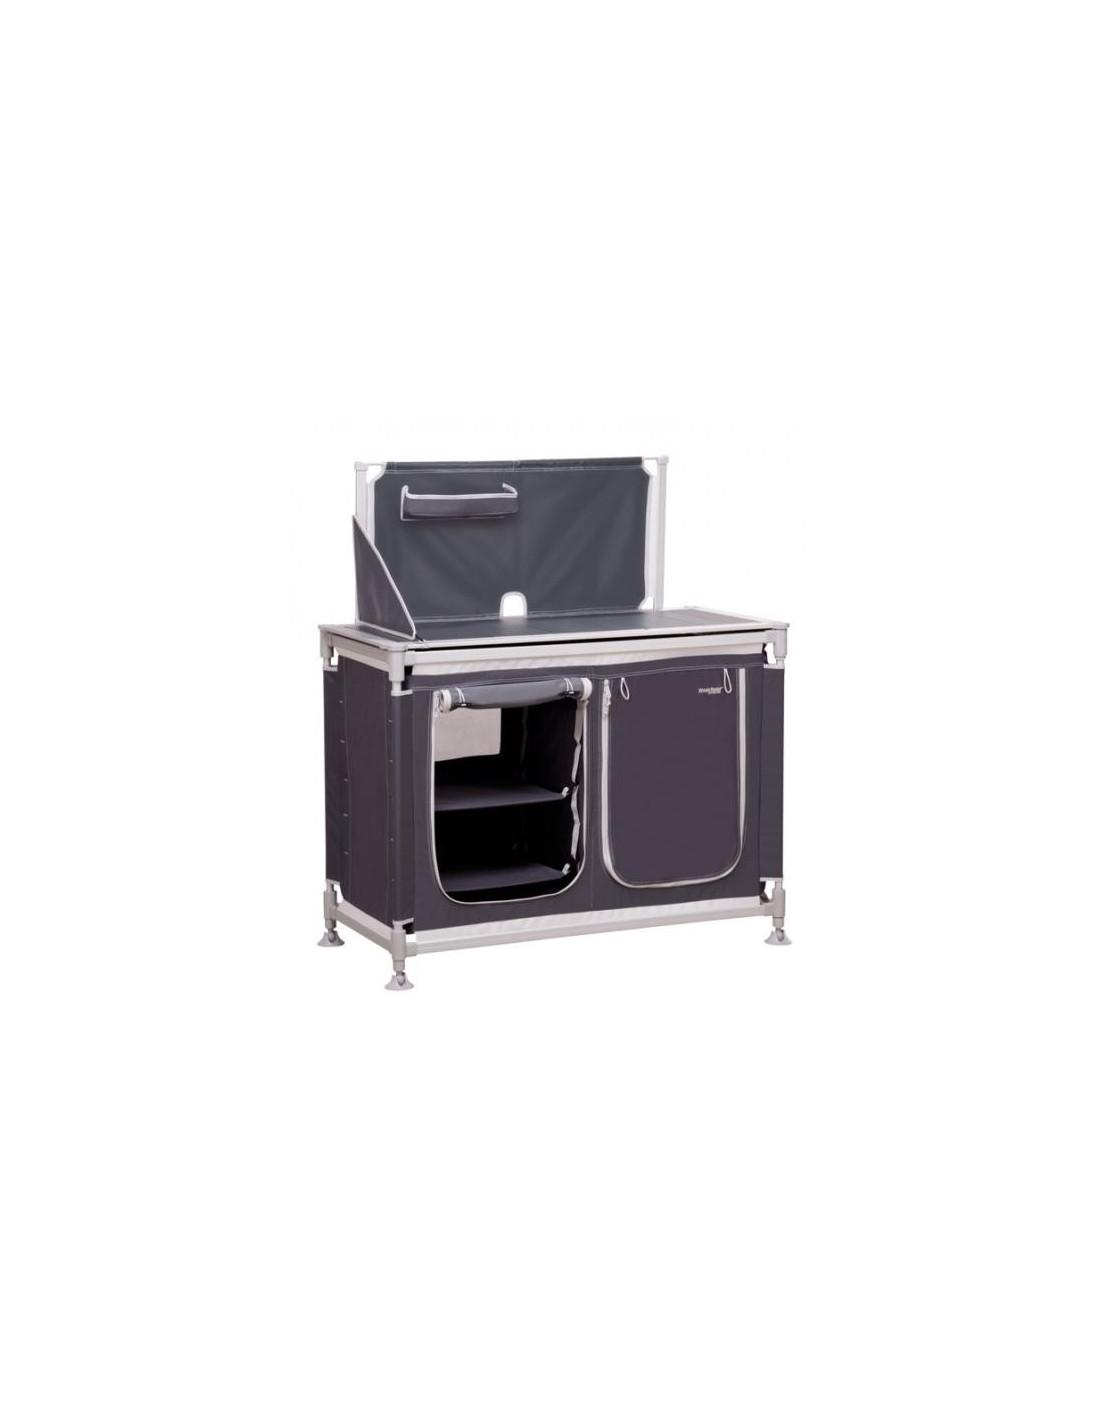 Mueble cocina alta calidad aluminio westfield 4 estantes for Mueble cocina camping